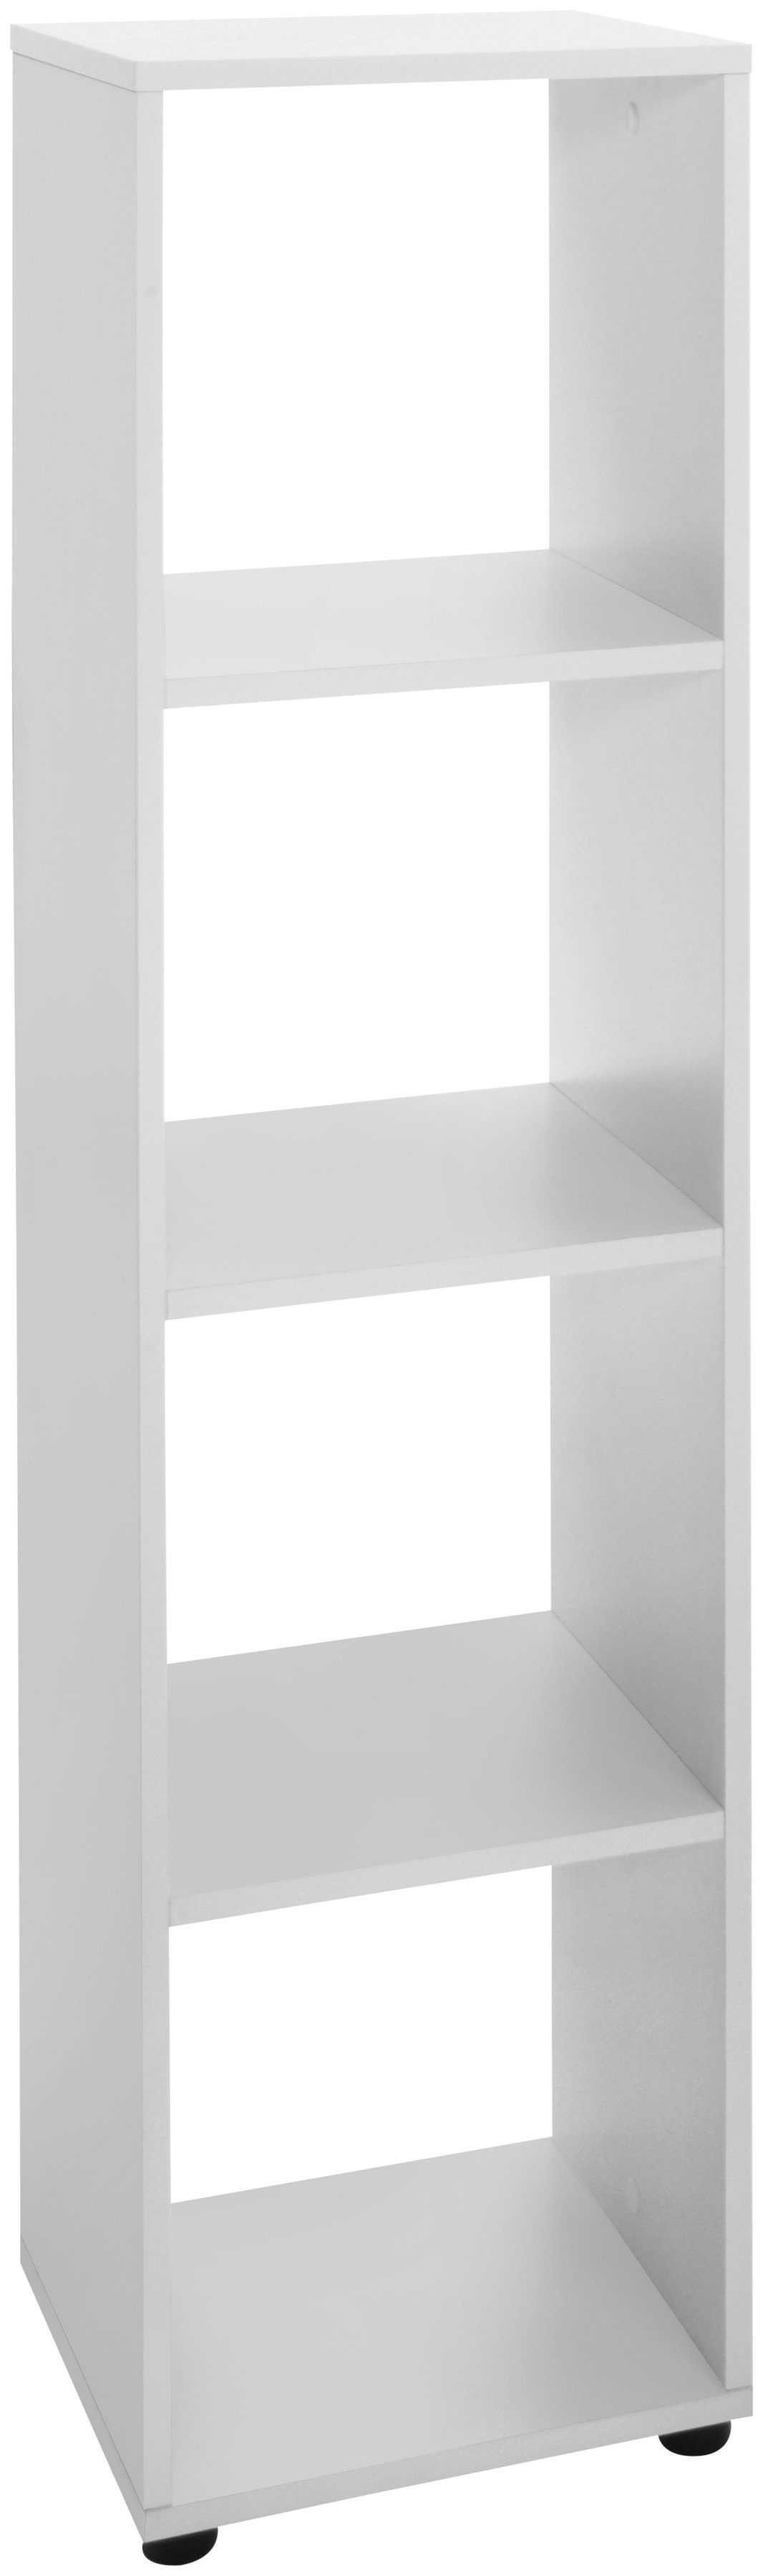 Raumteiler-Regal »4 Fächer«, Breite 32,6 cm